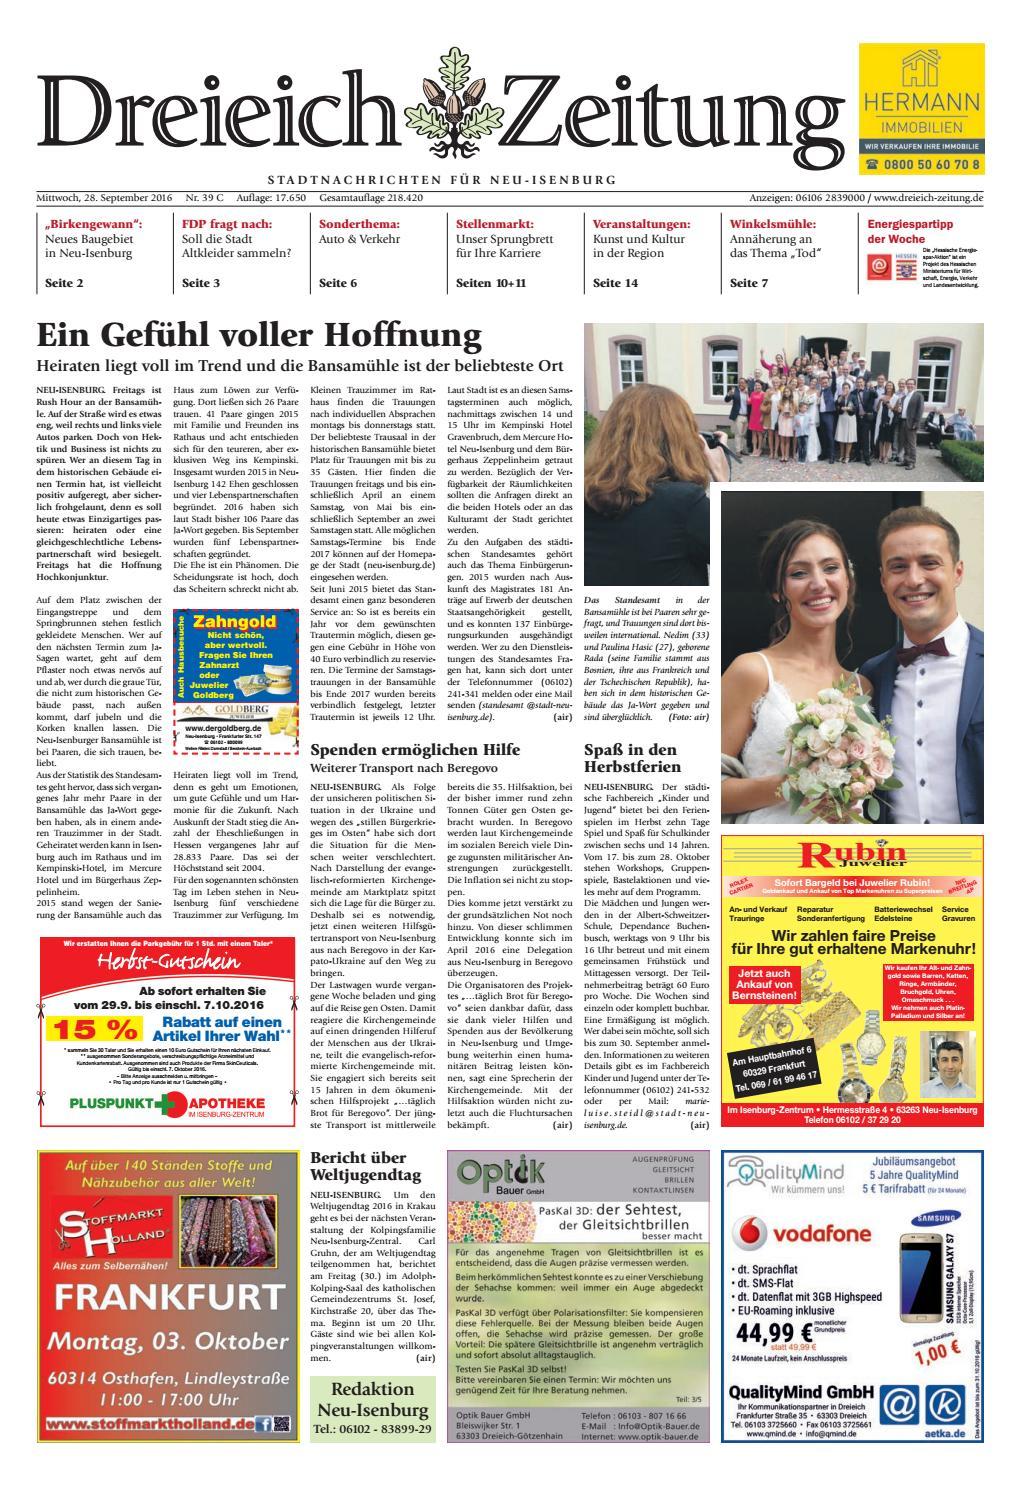 Dz Online 039 16 C By Dreieich Zeitung Offenbach Journal Issuu